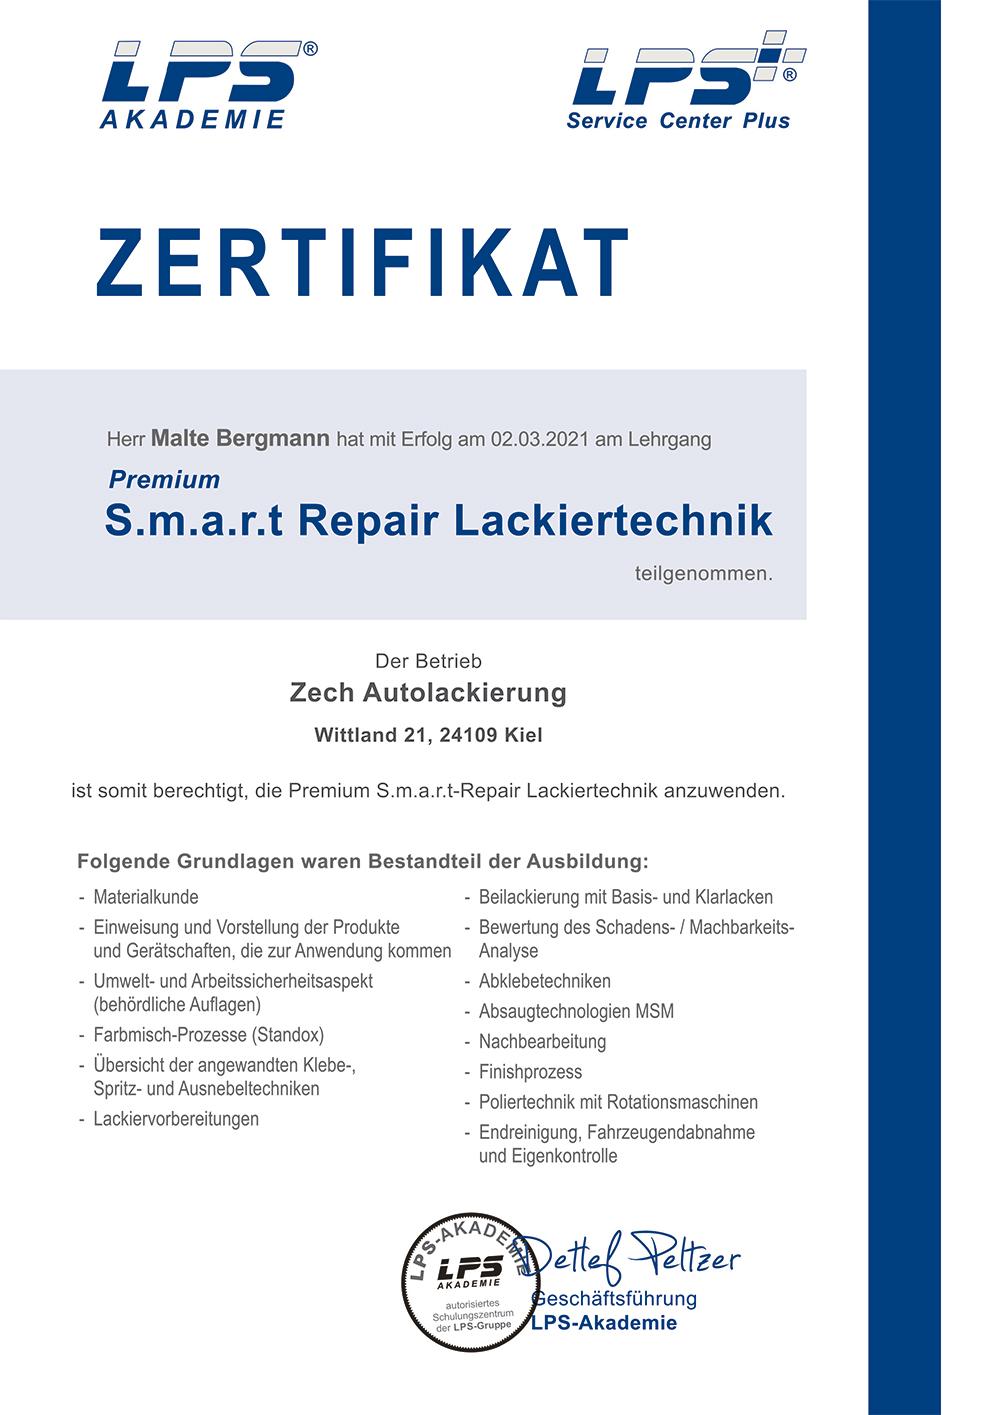 Zertifikat premium smart repair.psd